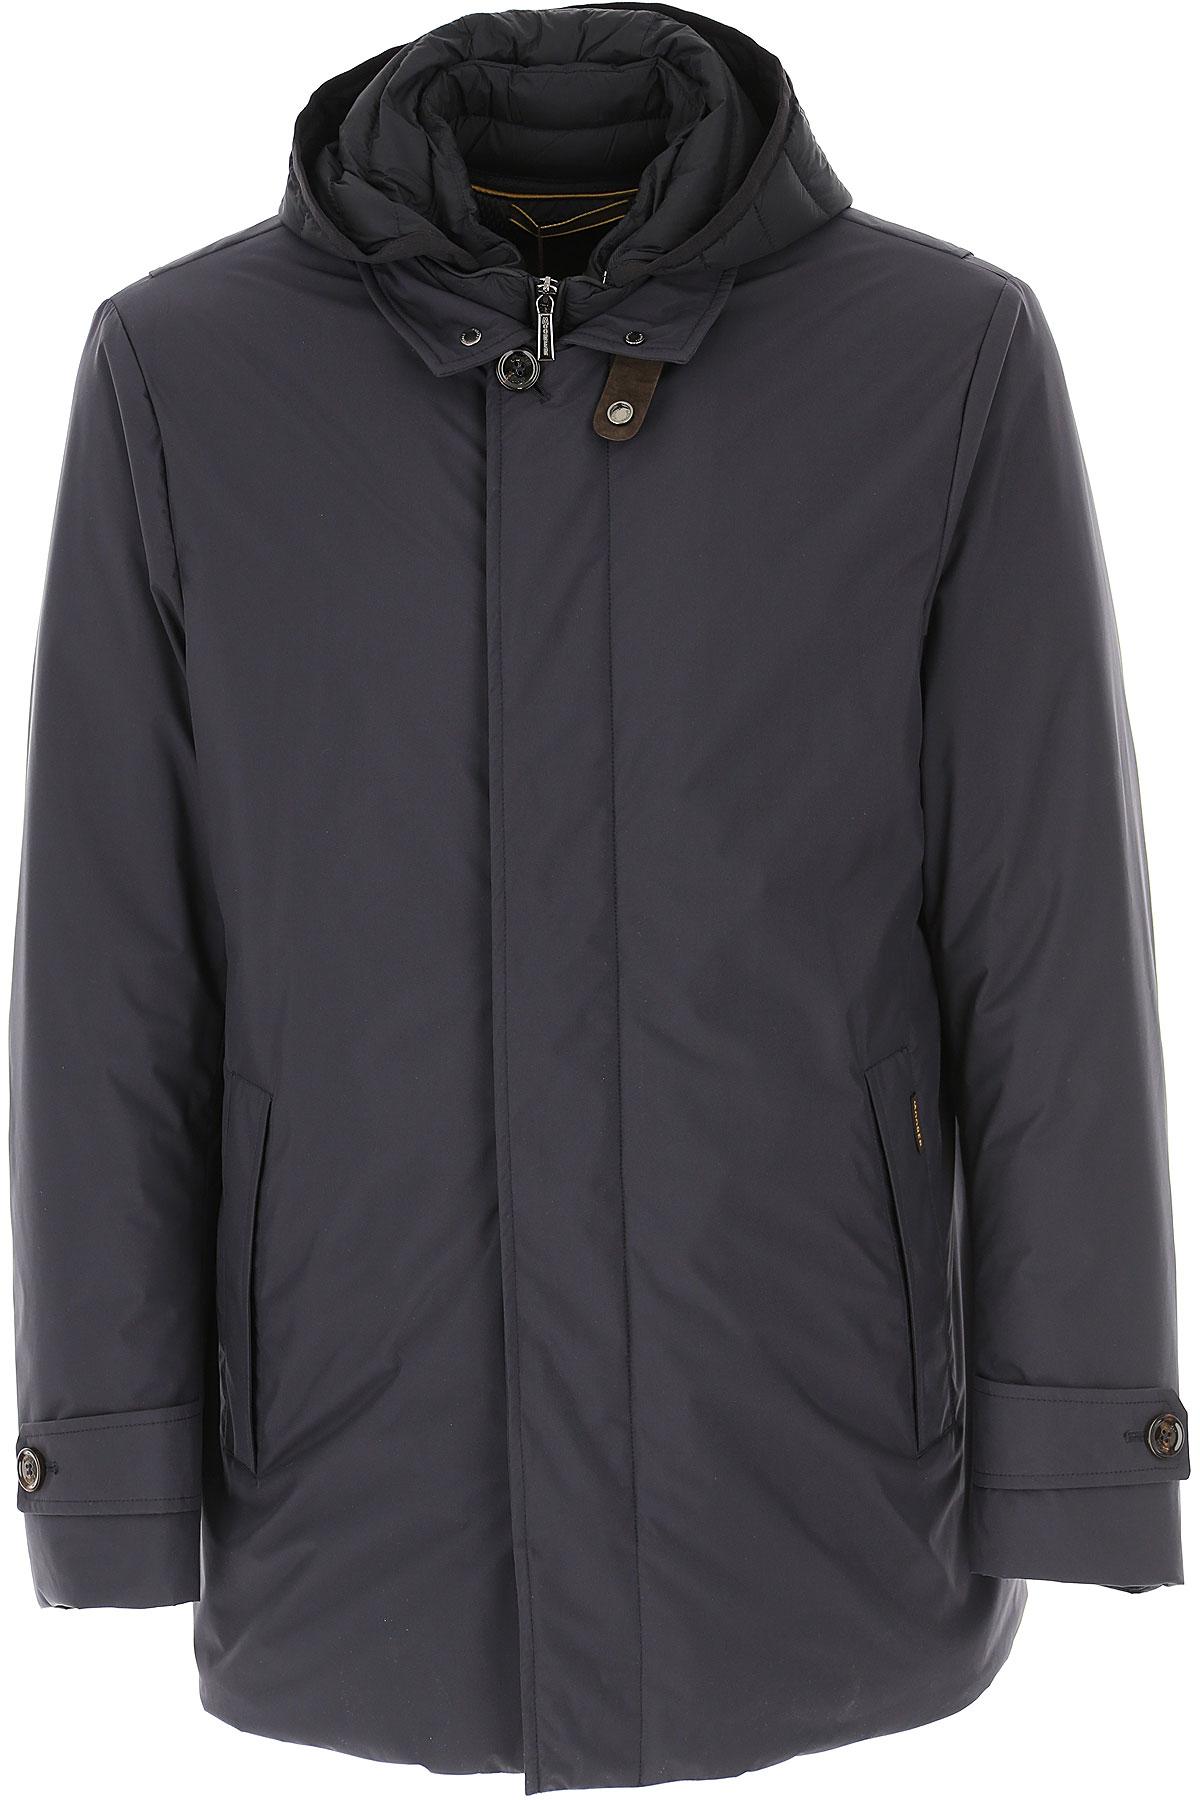 Moorer Down Jacket for Men, Puffer Ski Jacket On Sale, Navy Blue, polyester, 2019, L M S XL